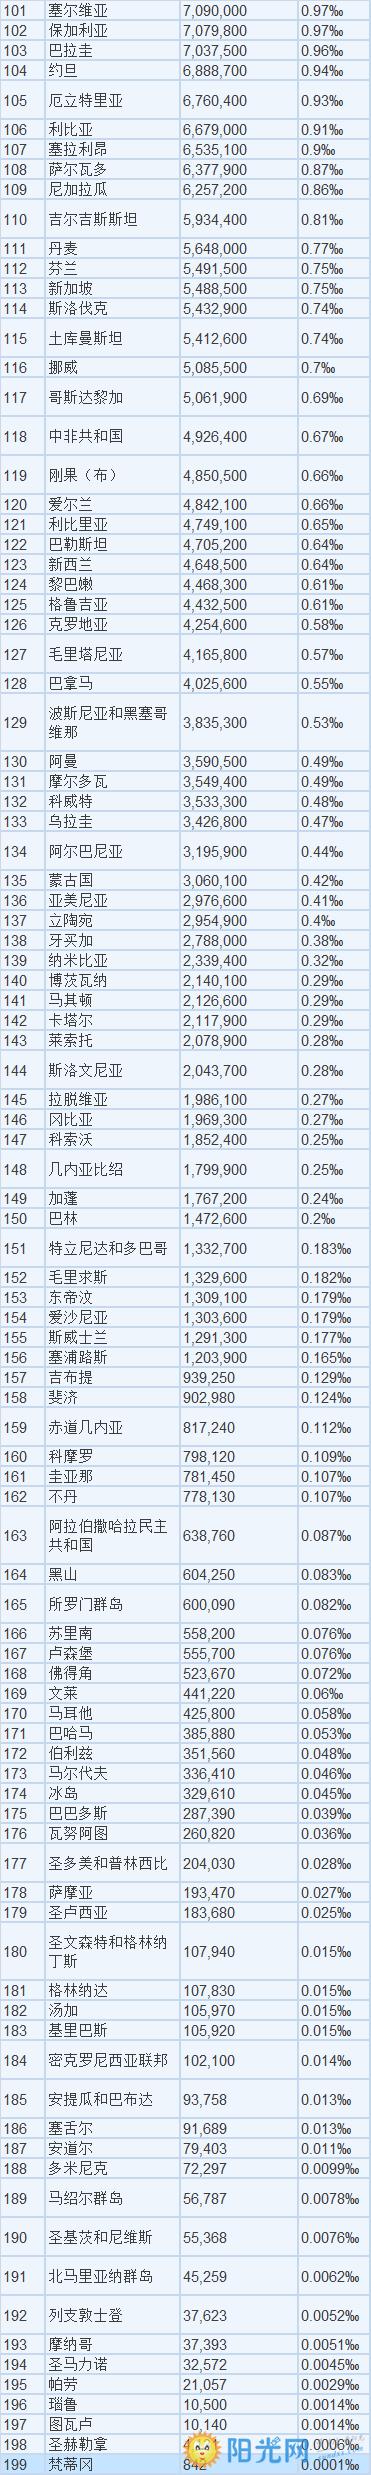 世界人口排名2017_世界各国人口排名